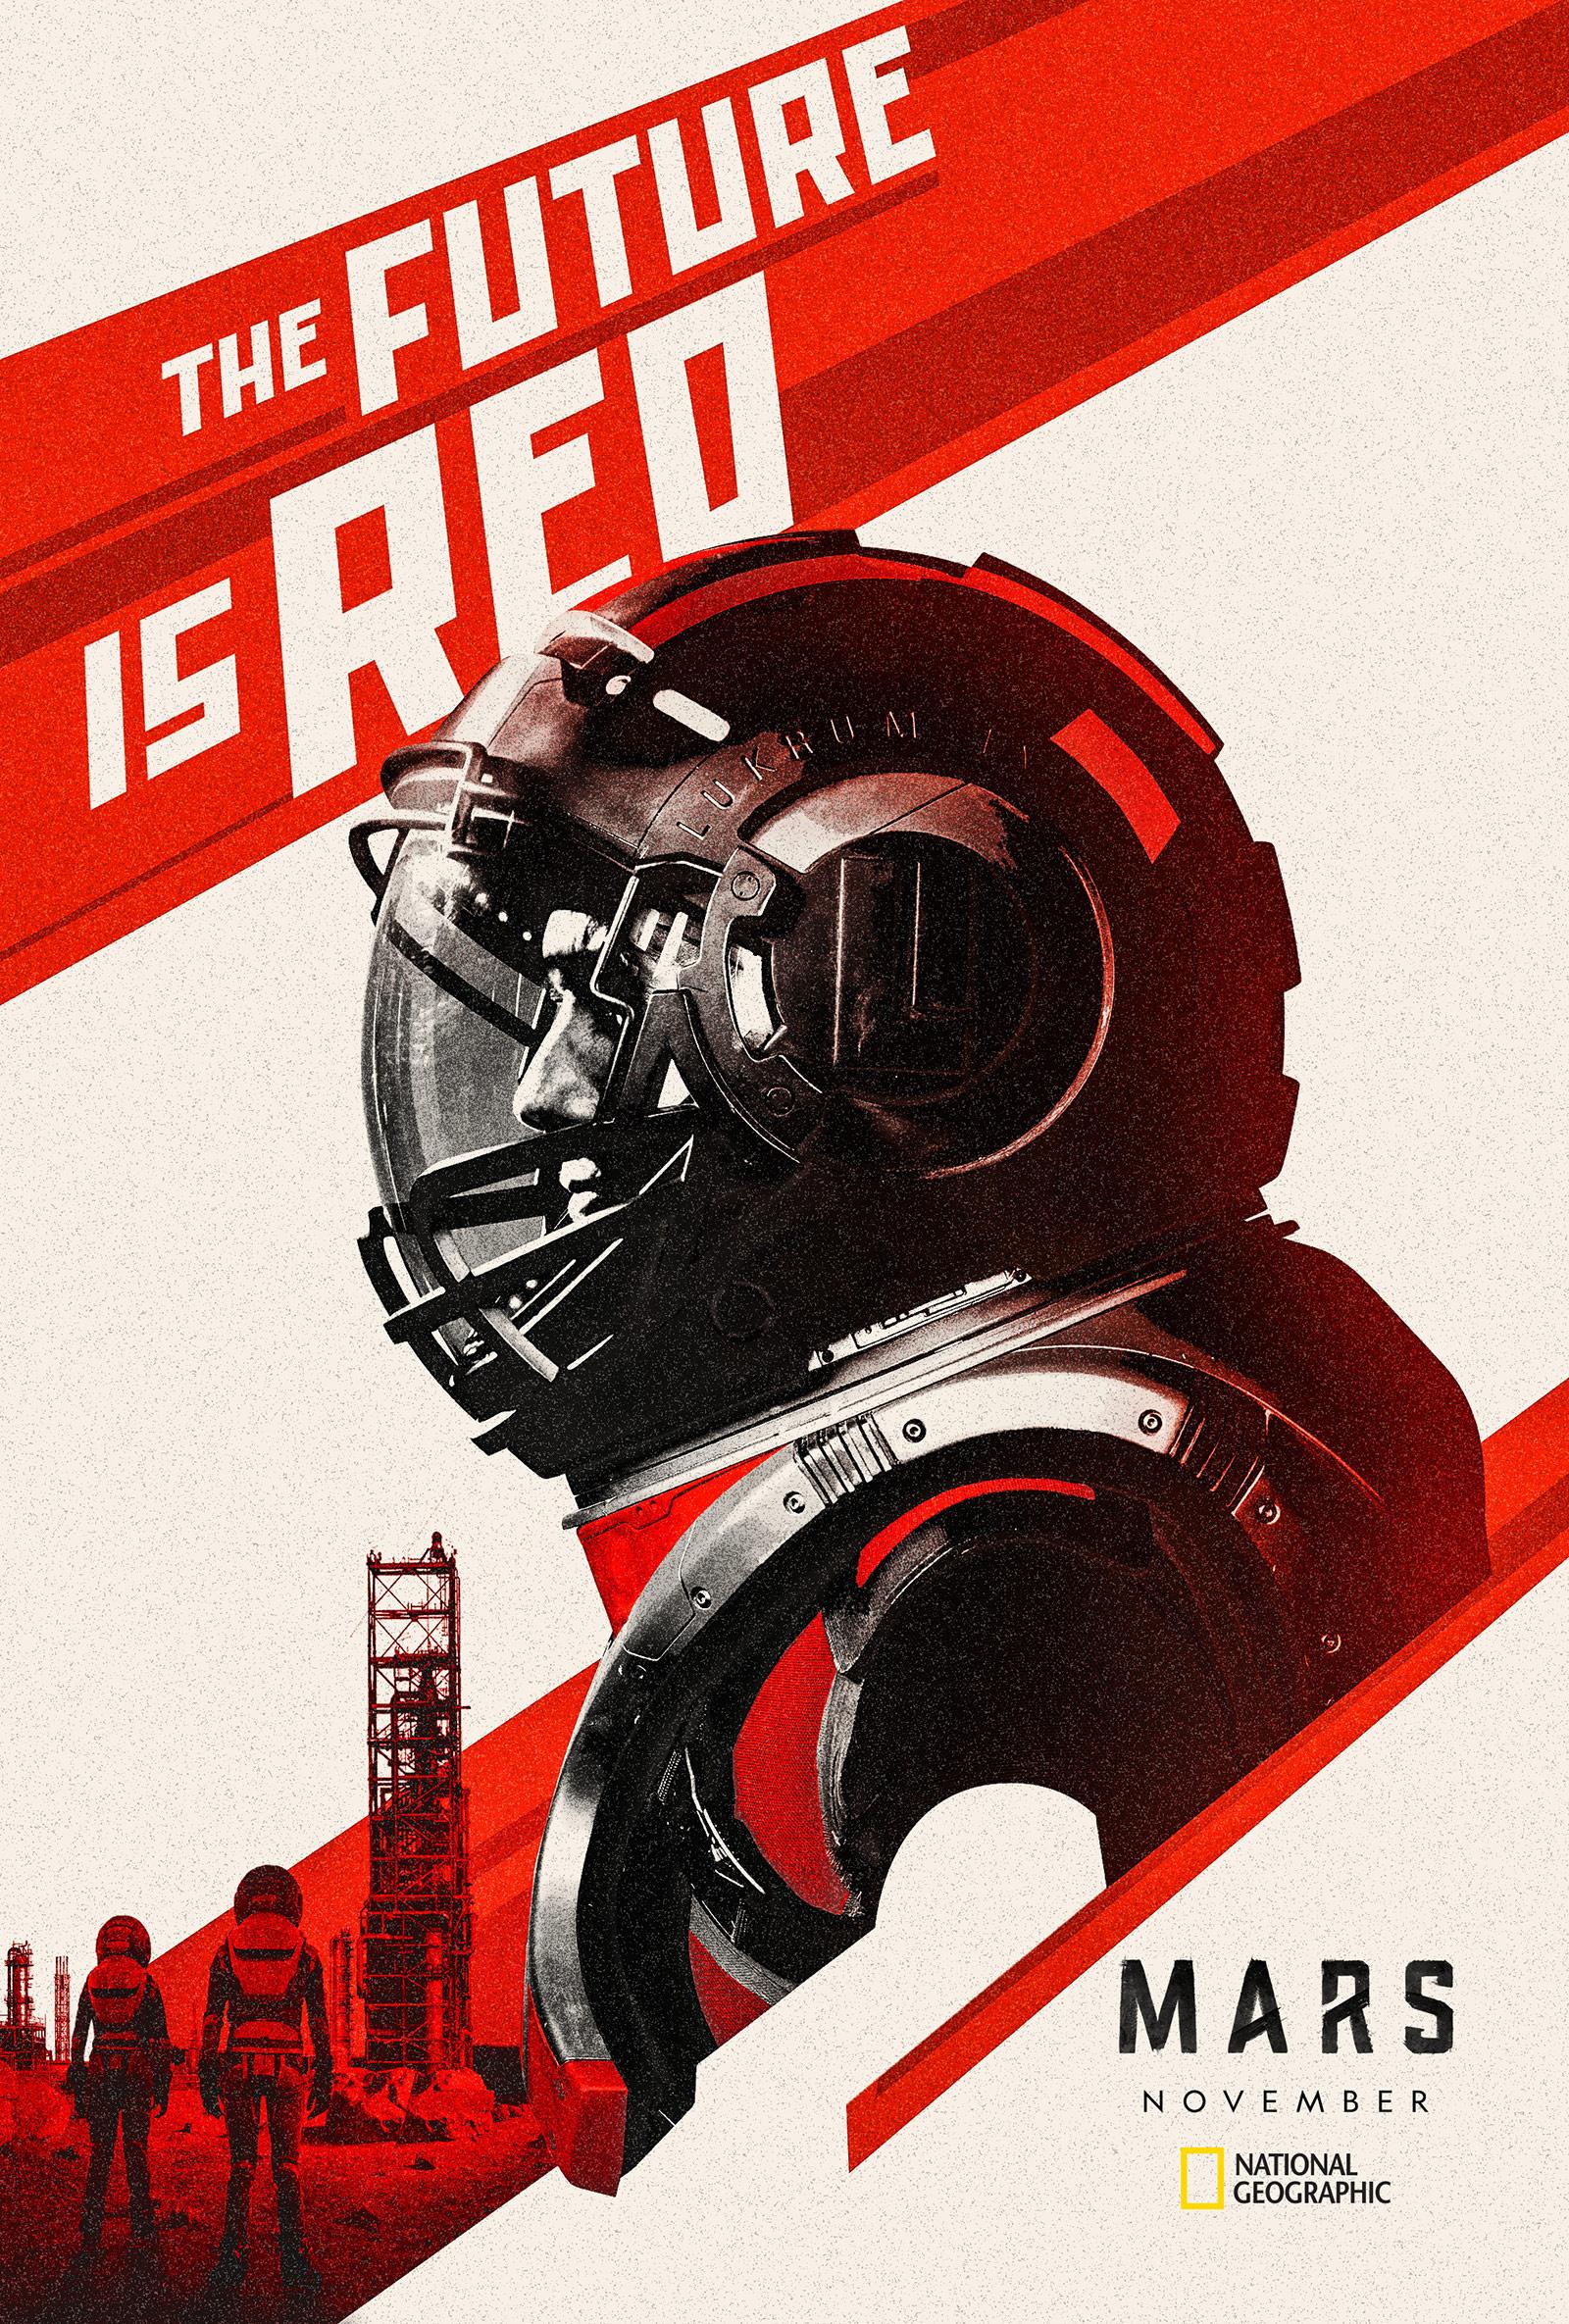 Thumbnail for Mars Season 2: Tease Art Campaign